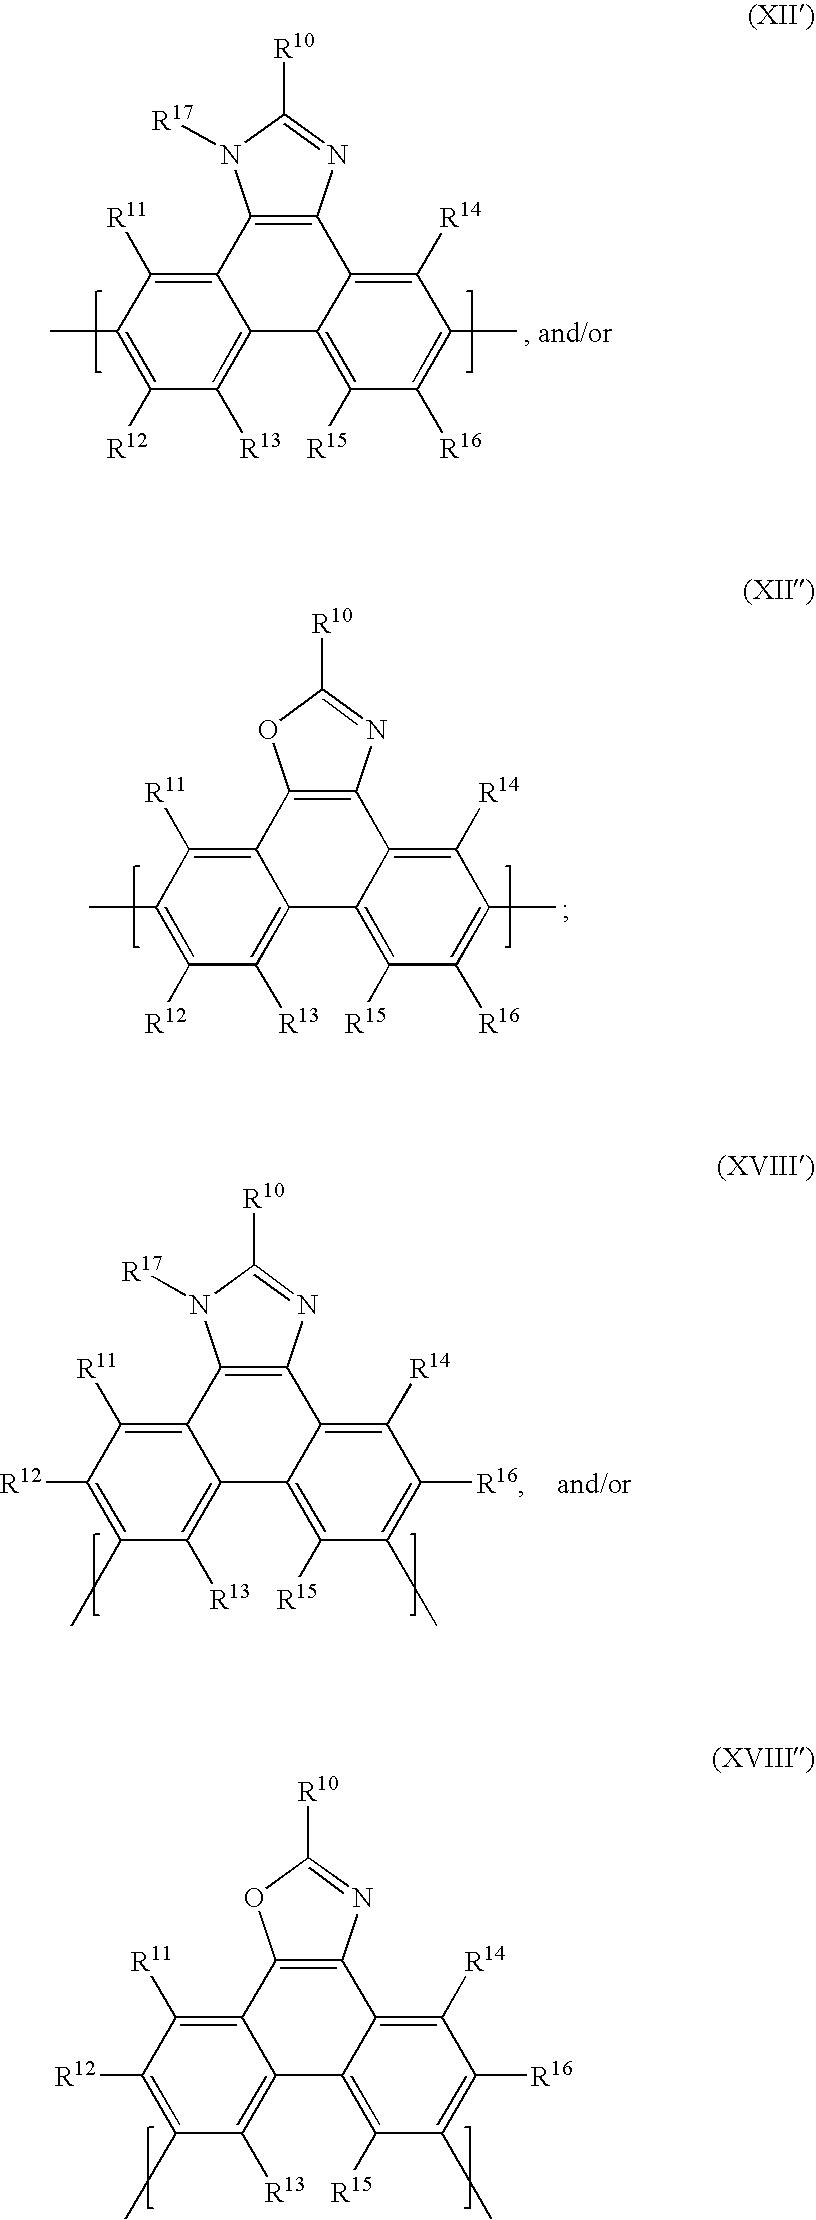 Figure US20090105447A1-20090423-C00025